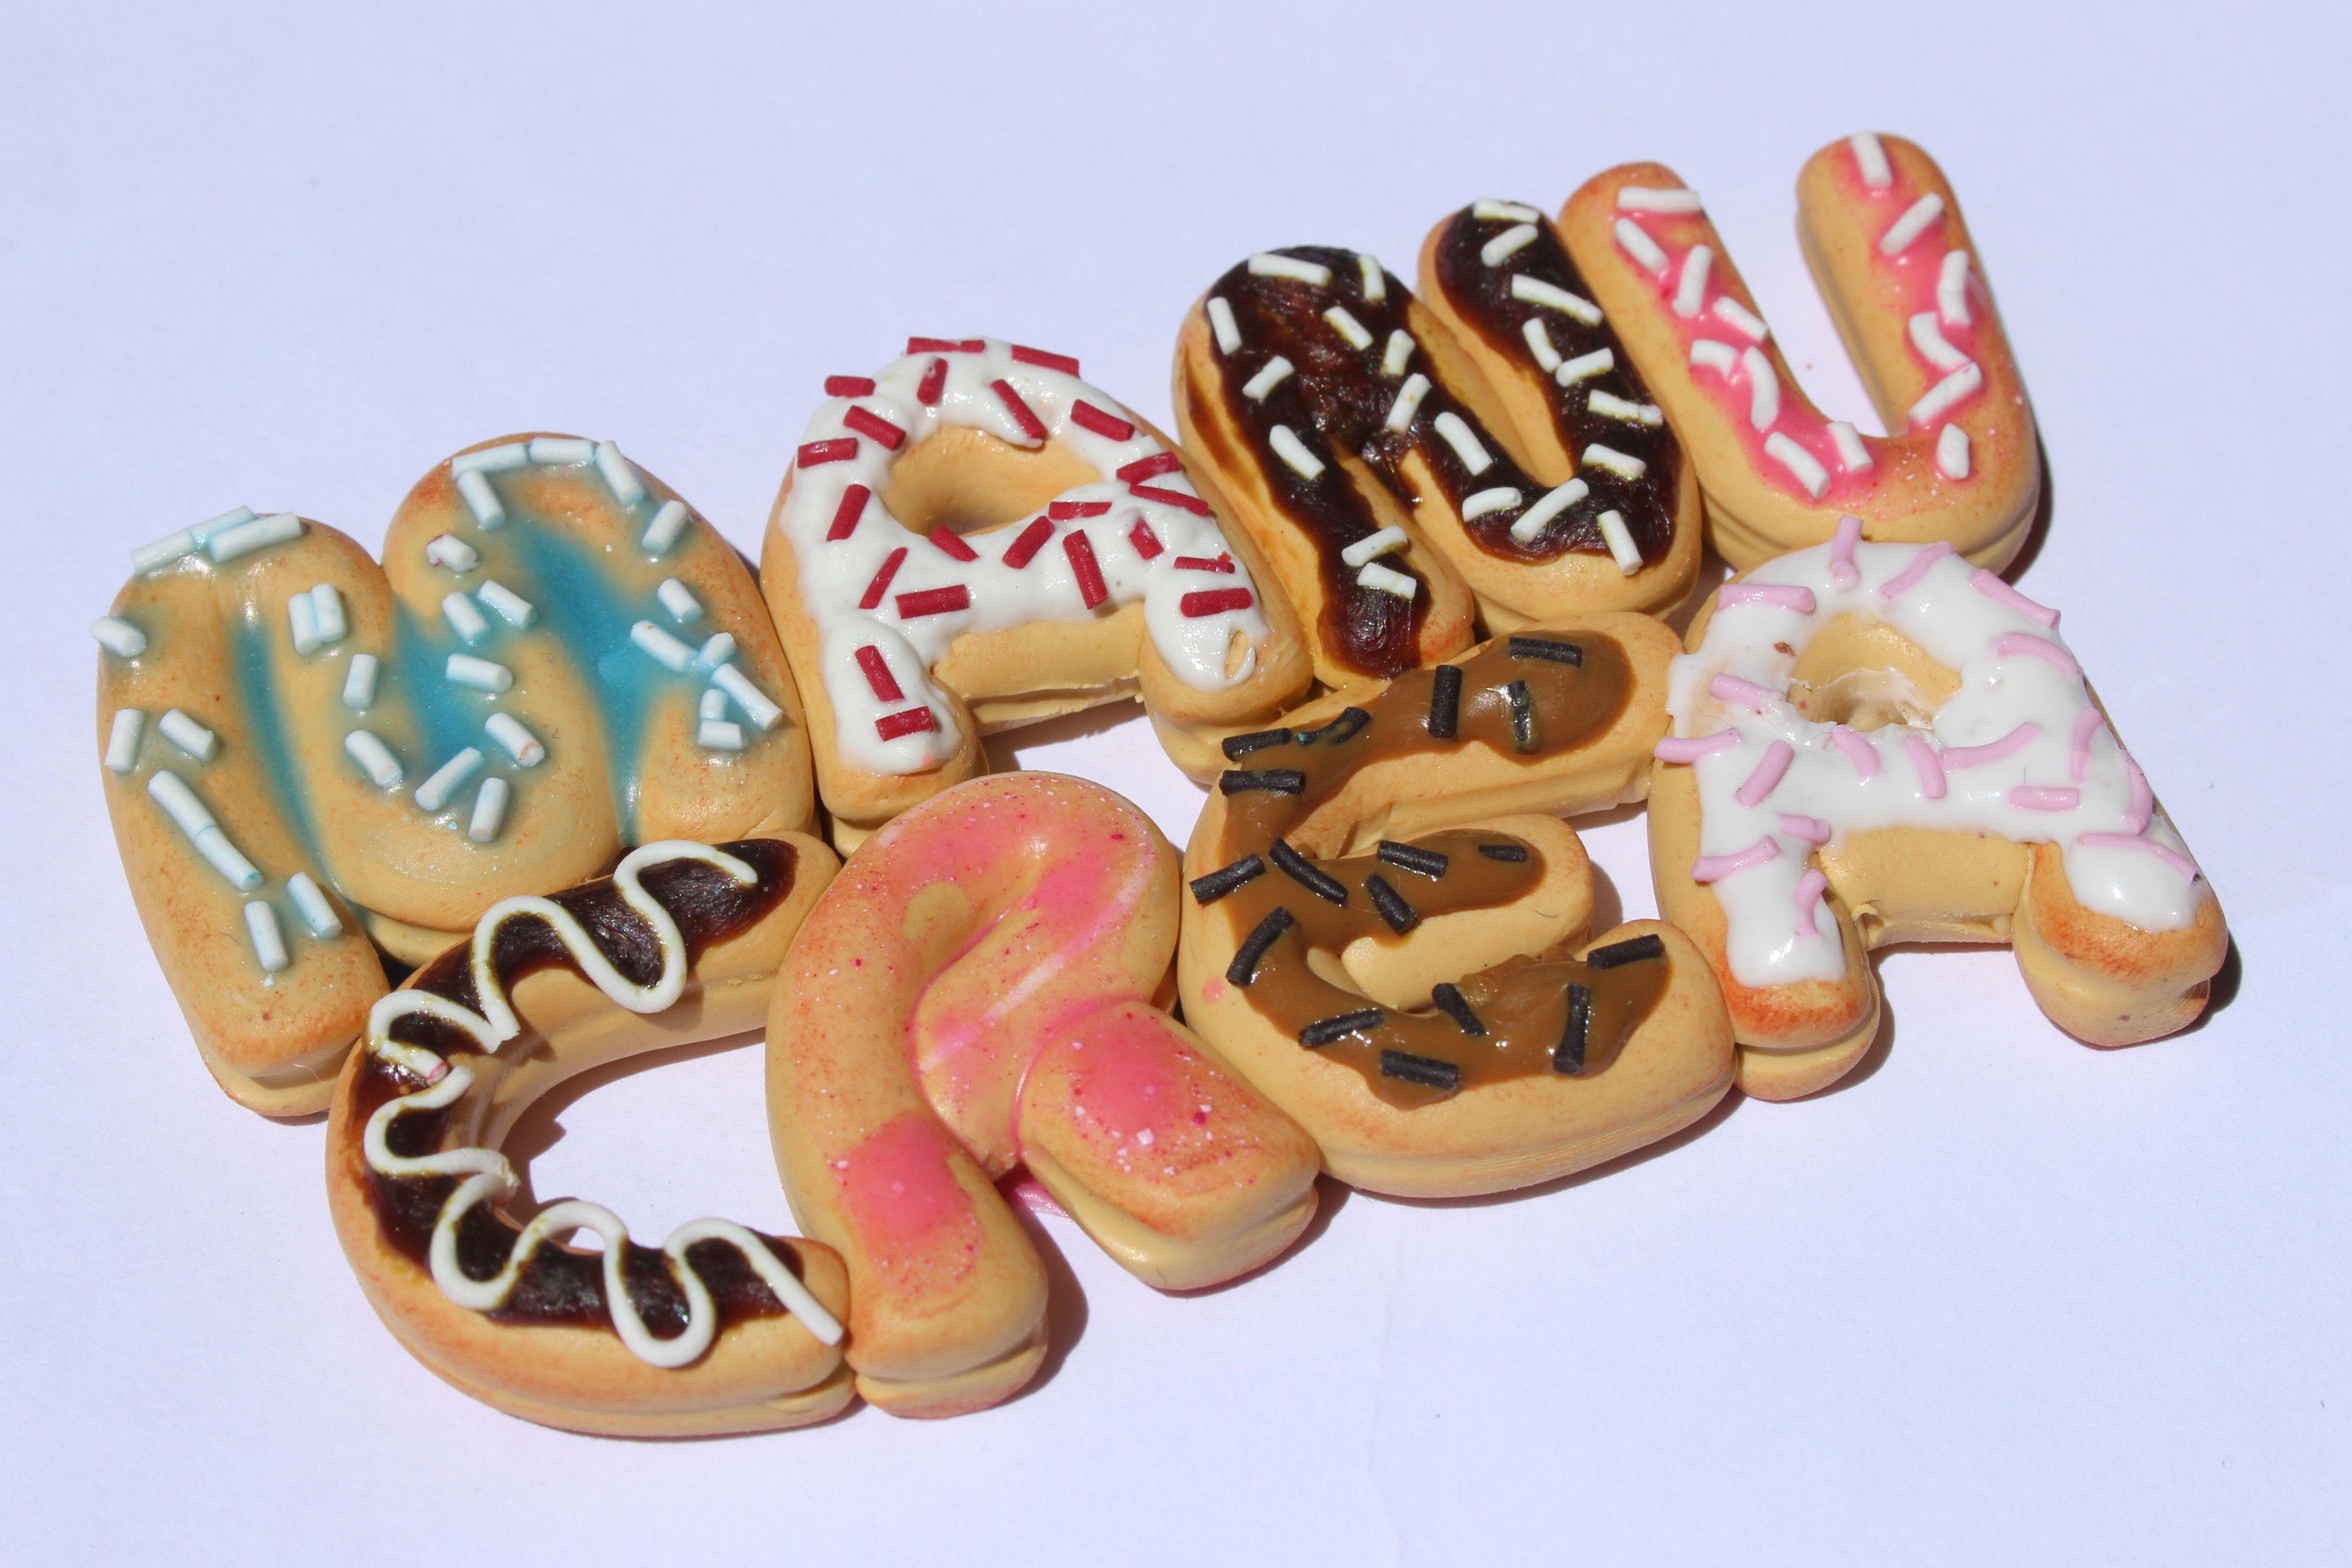 A la manière des Donuts!